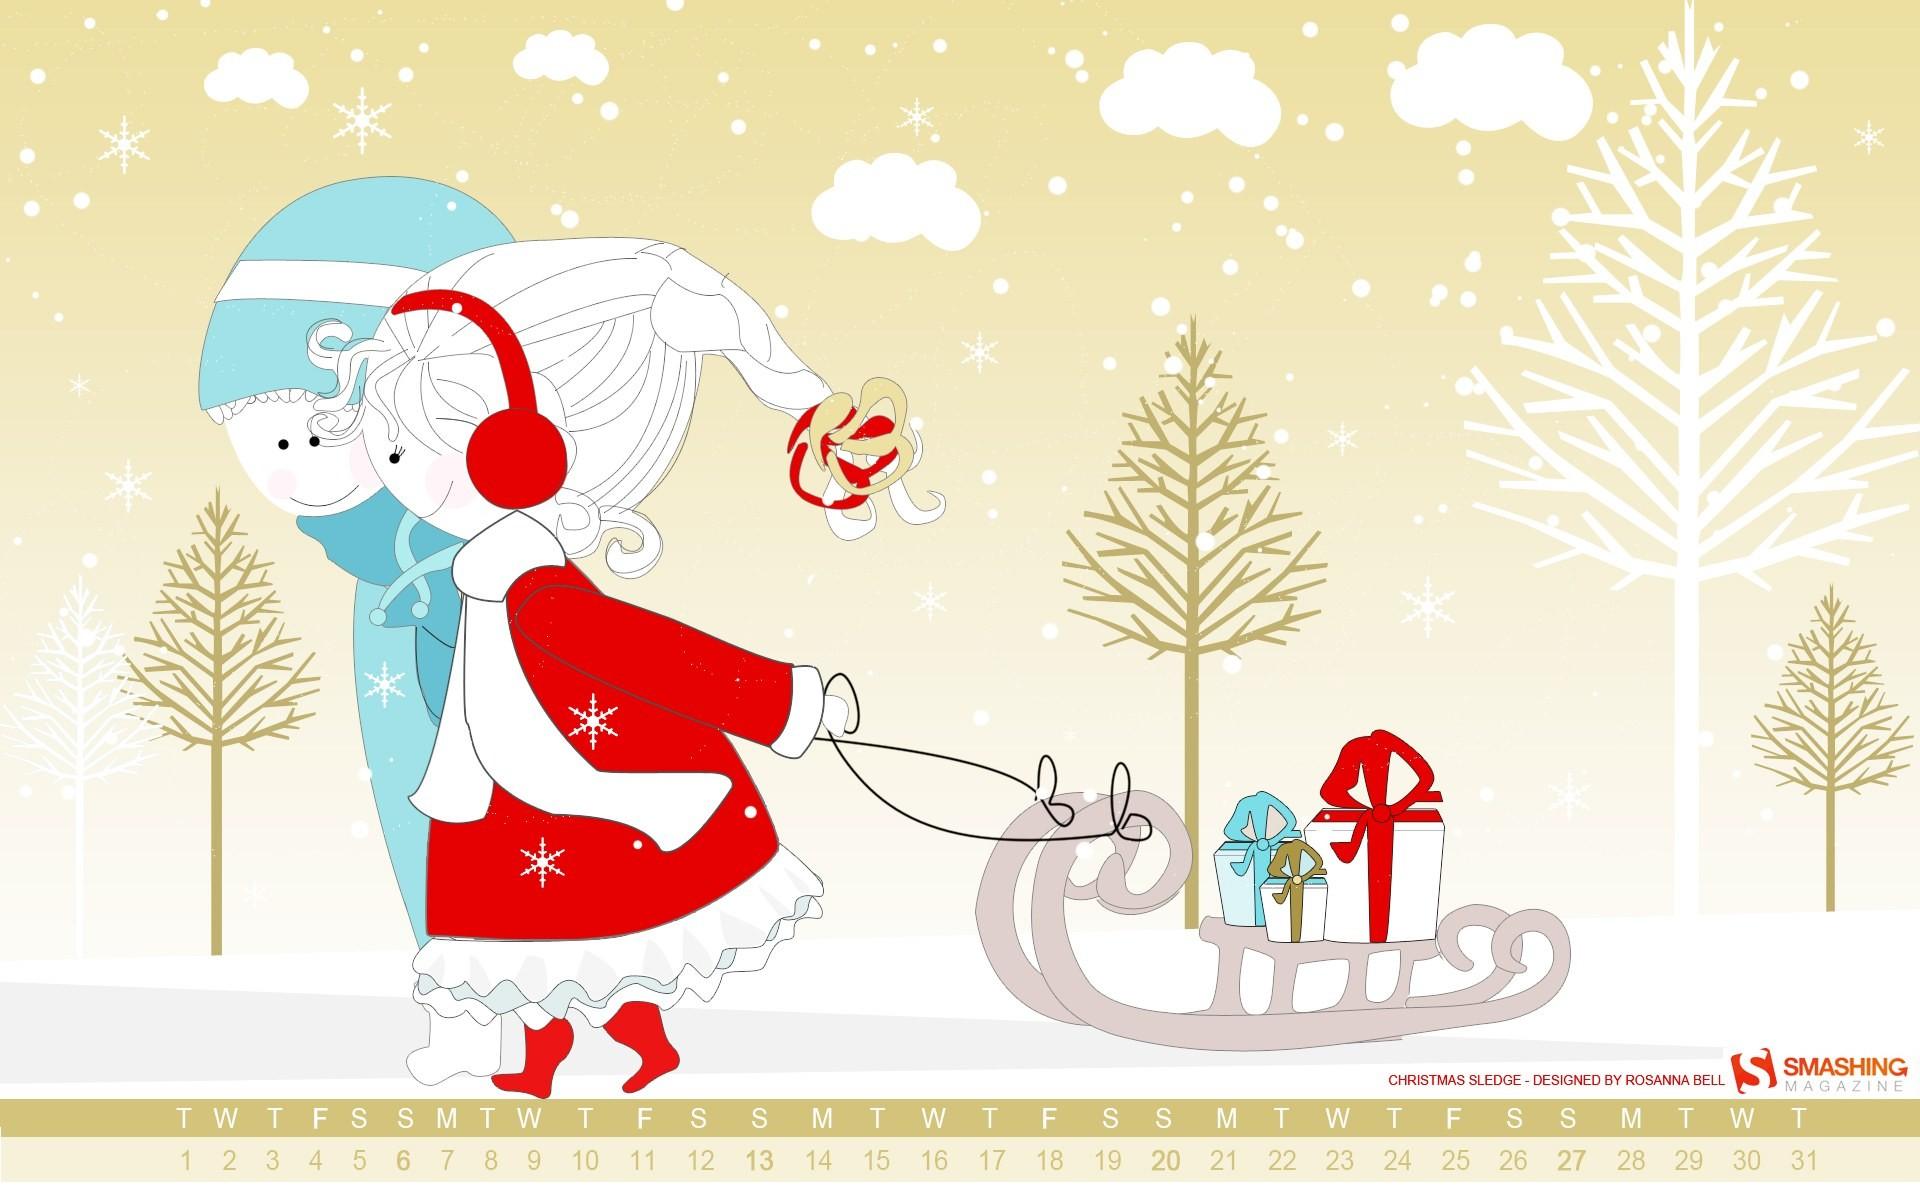 Fondos de pantallas con motivos navide os taringa - Motivos navidenos dibujos ...